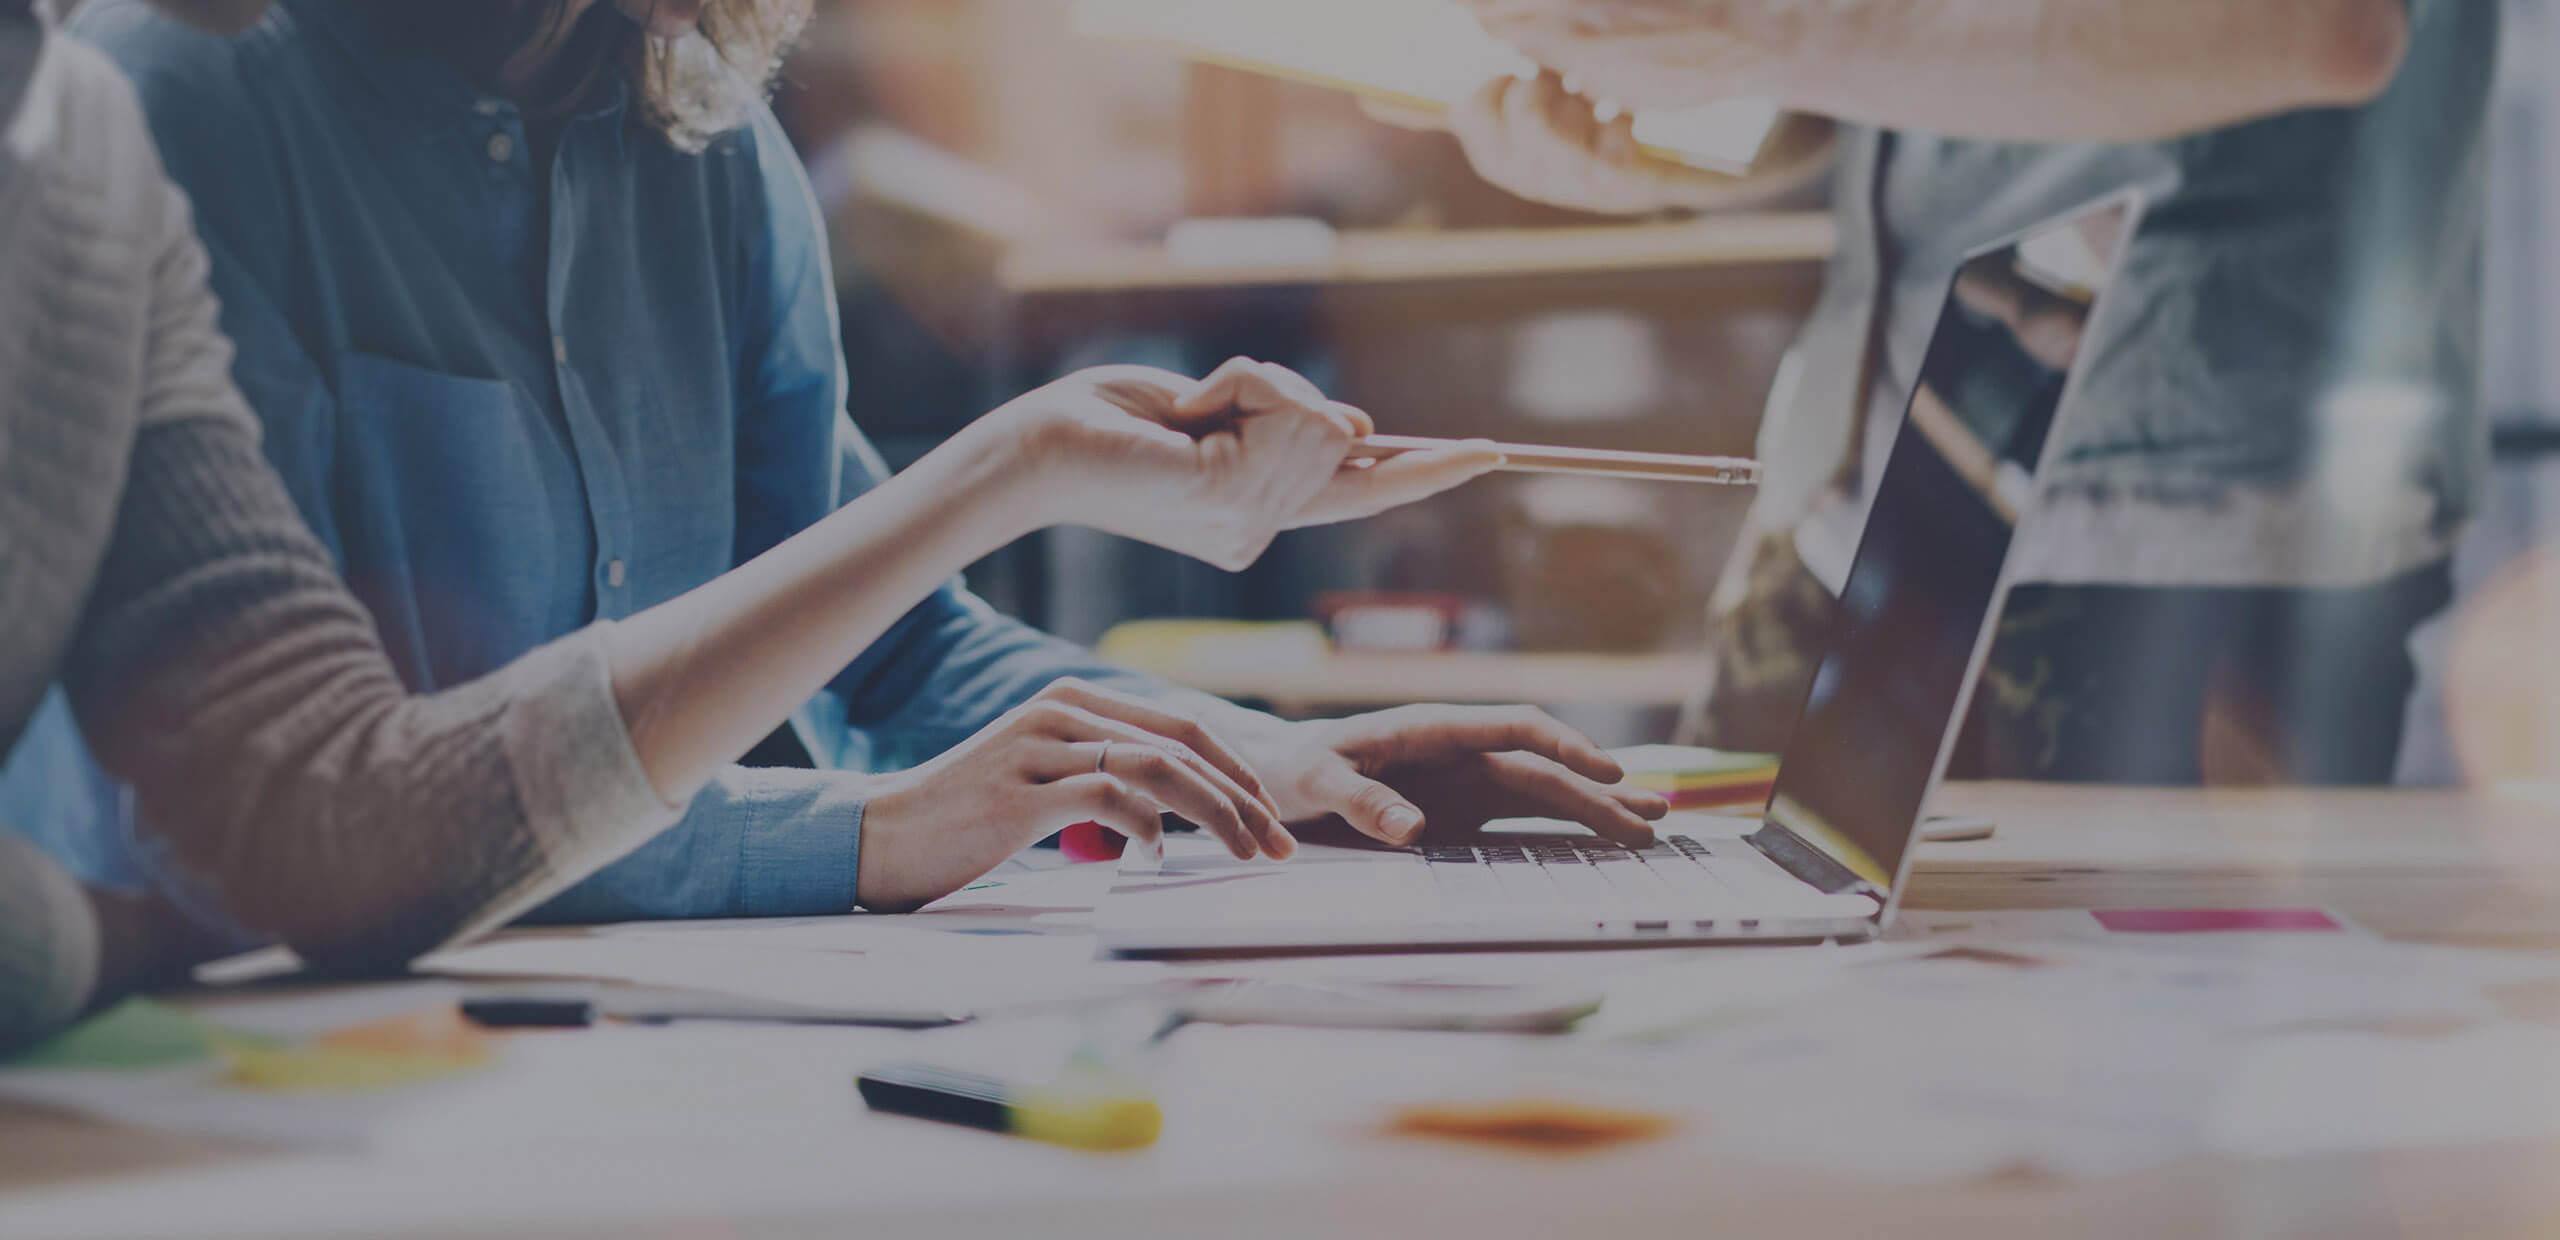 ¿Qué hace un desarrollador profesional de aplicaciones empresariales? 2